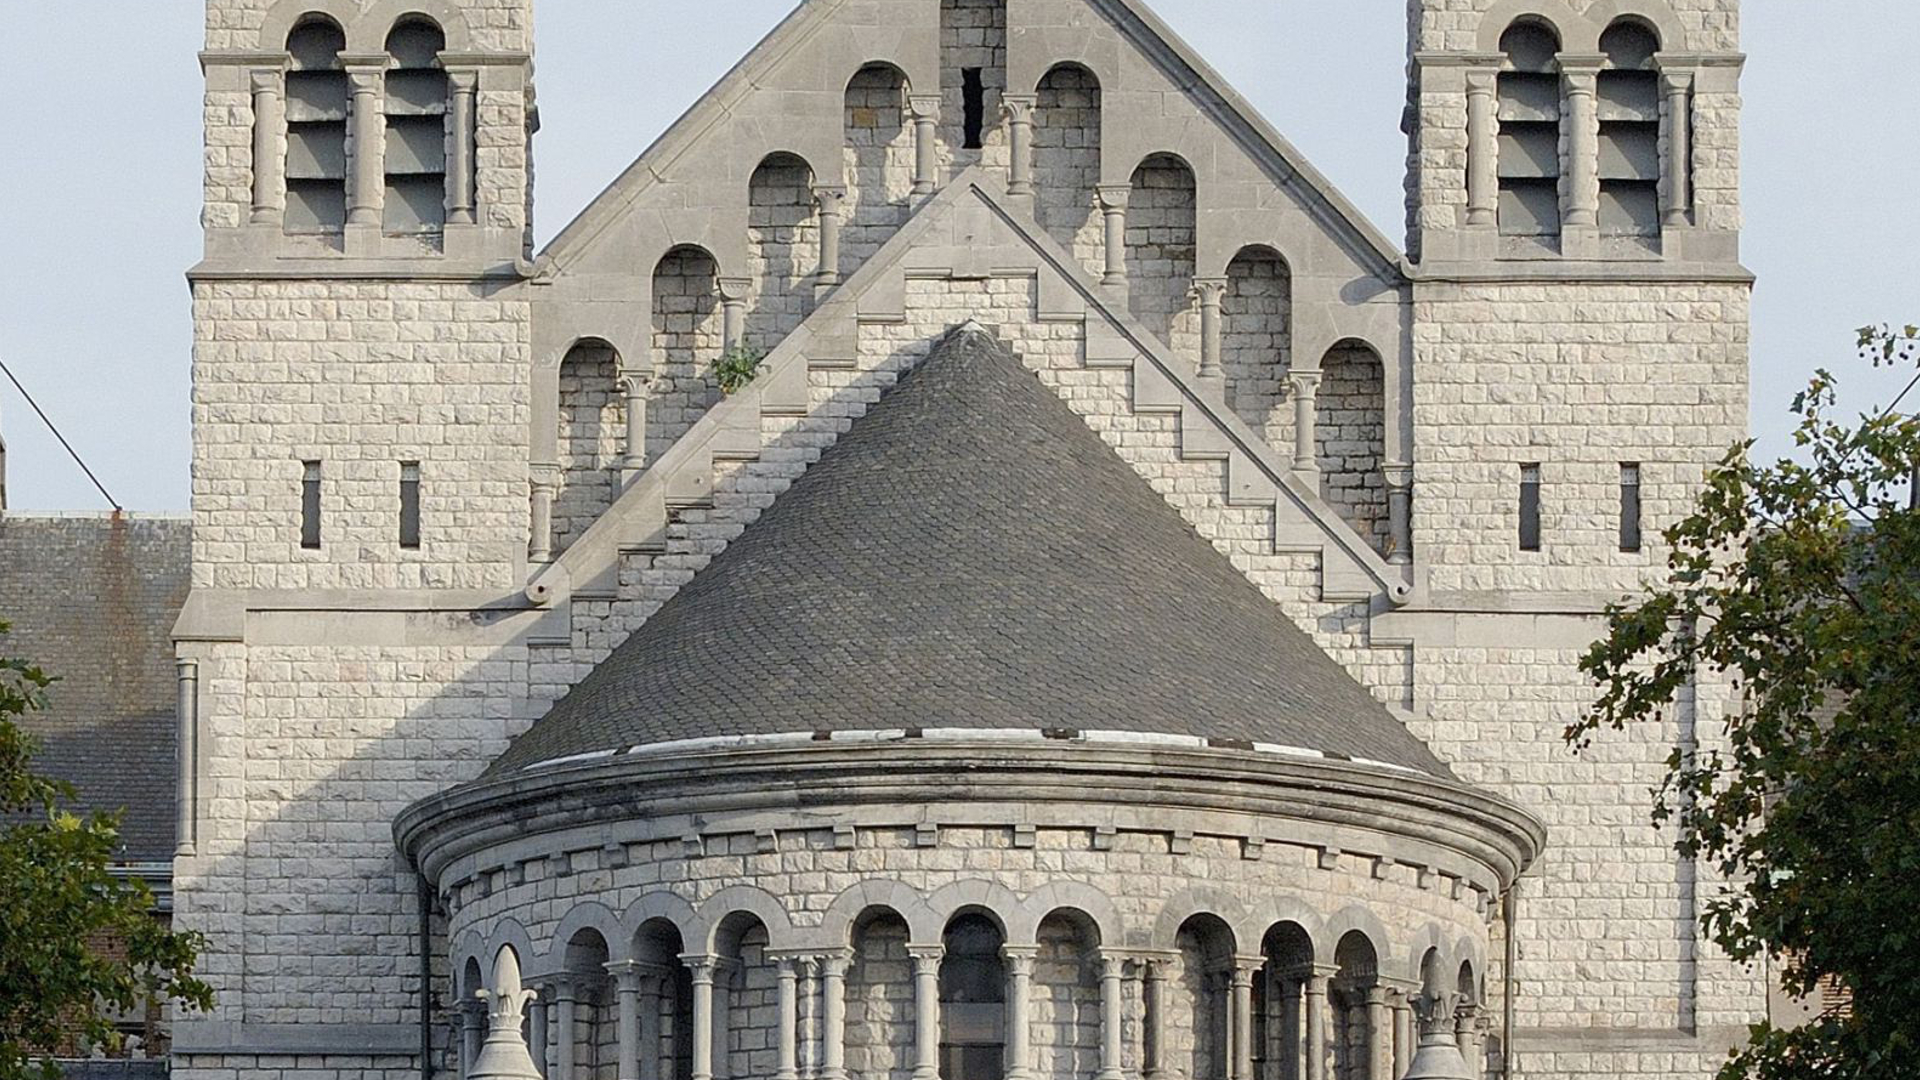 Cliquez ici pour en savoir plus sur Eglise du Collège Saint-Michel